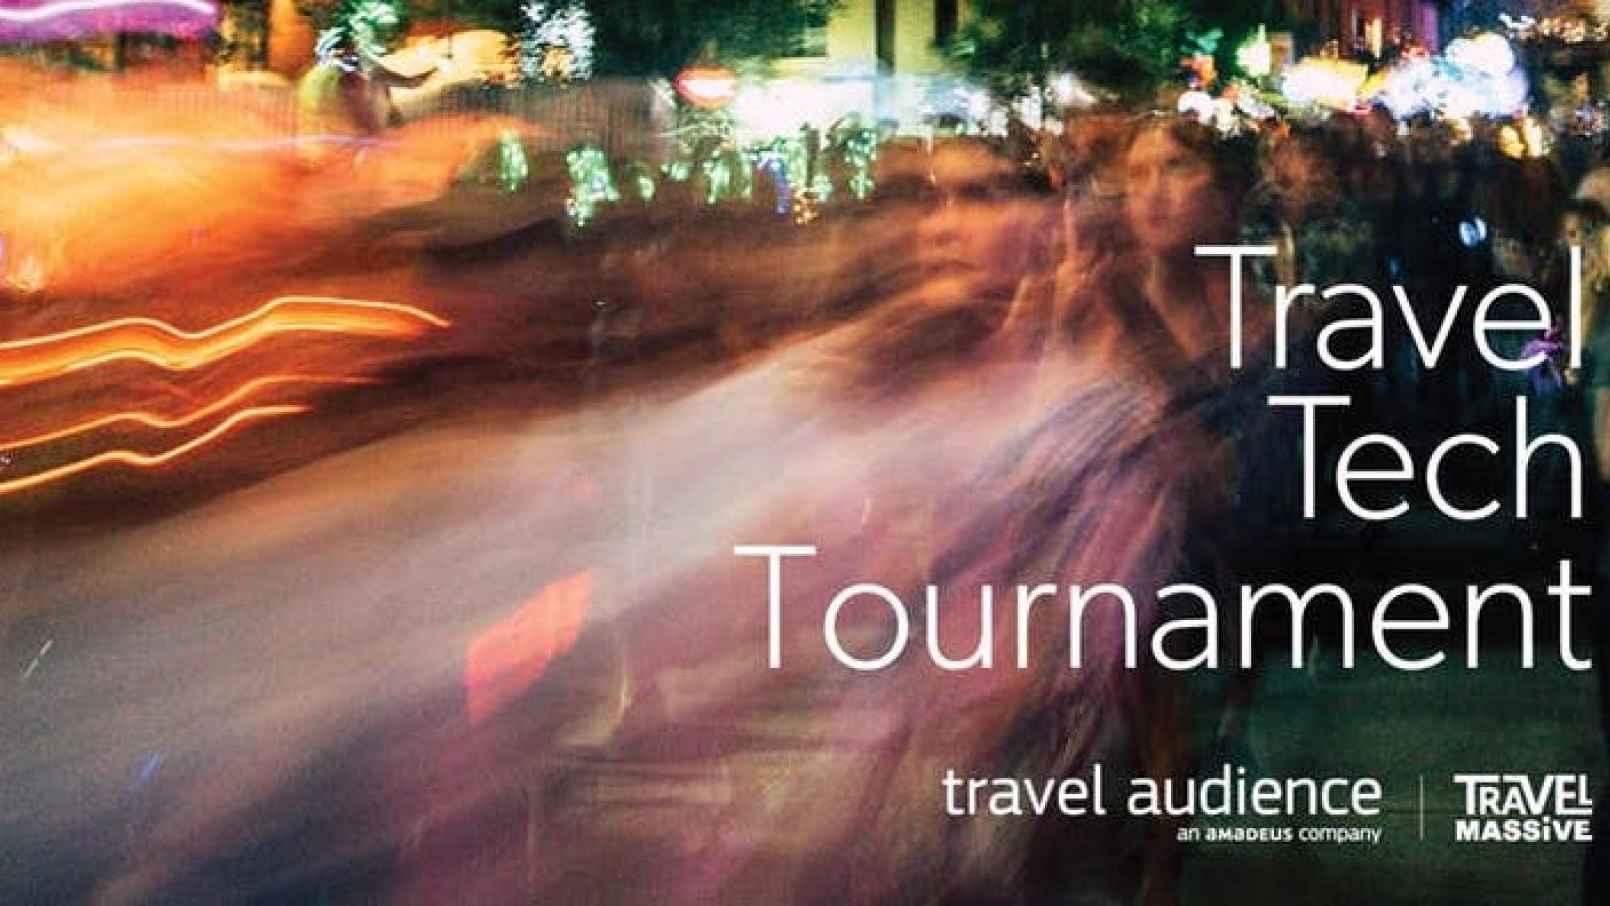 Travel Tech Tournament Berlin